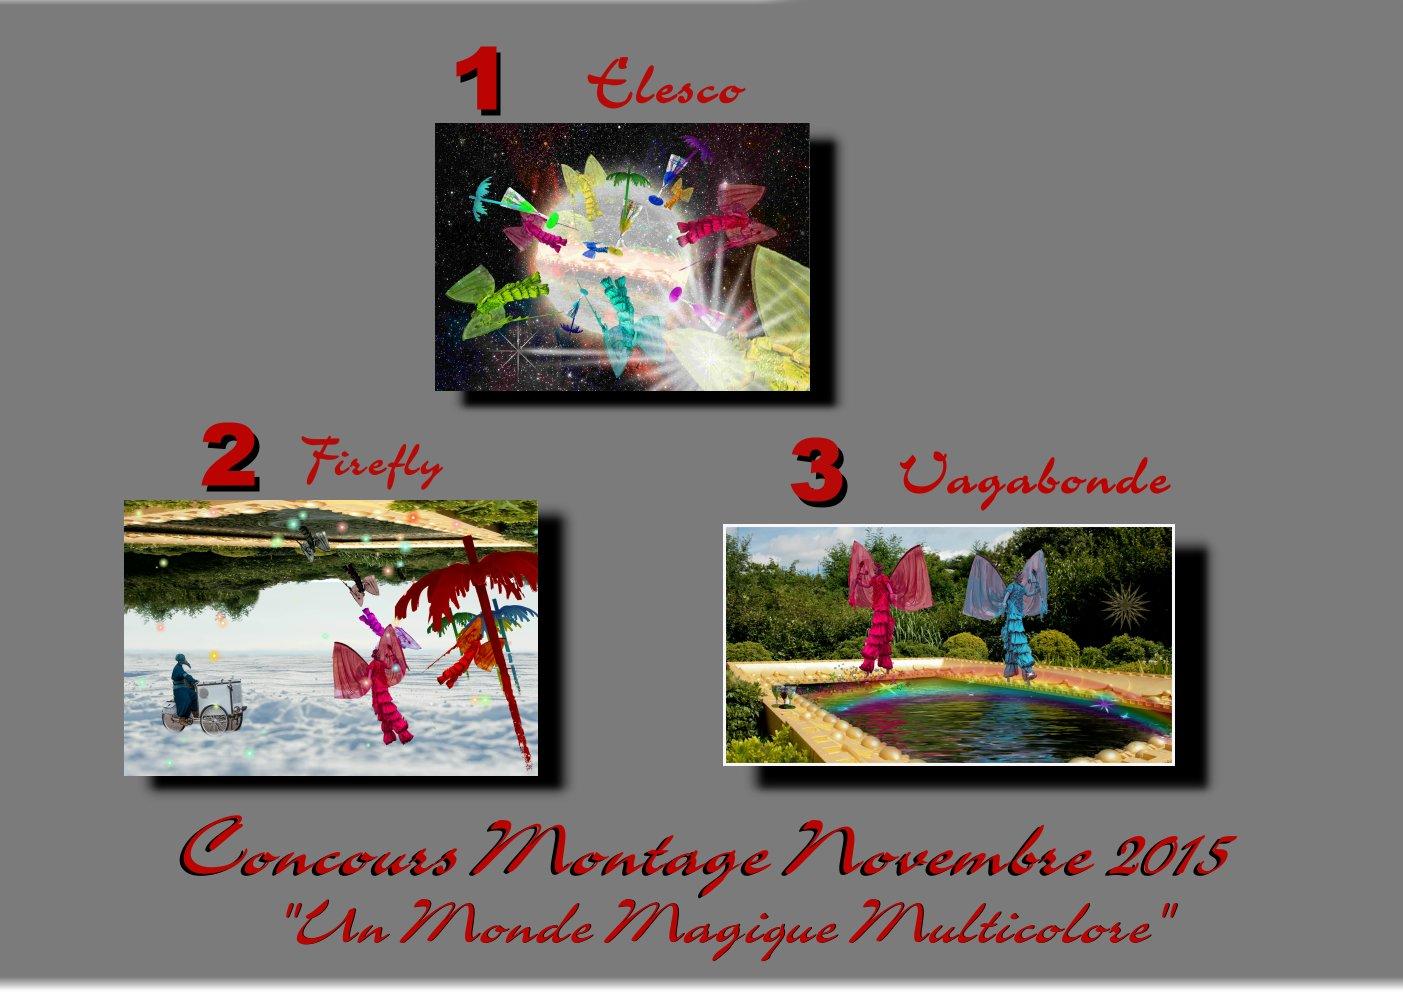 """Concours montage novembre 2015 """" UN MONDE MAGIQUE MULTICOLORE """" Terminé 769849podium"""